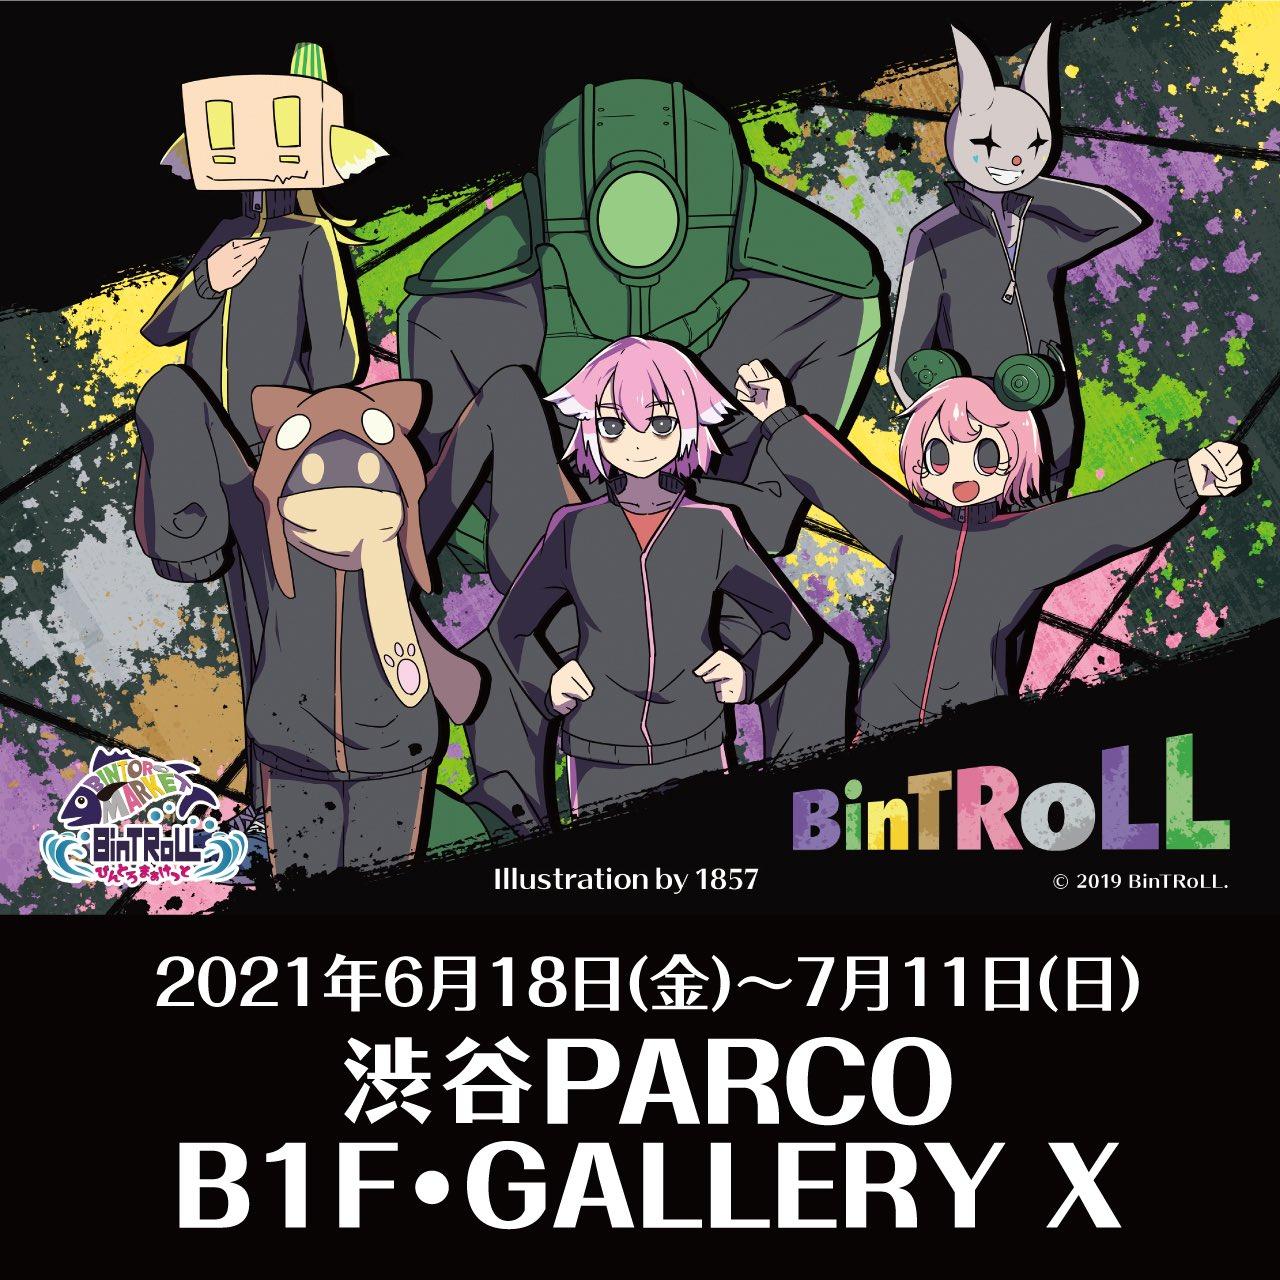 6/24(木)入場予約チケット(先着・無料) BinTRoLL『びんとろまぁけっと』in 渋谷PARCO